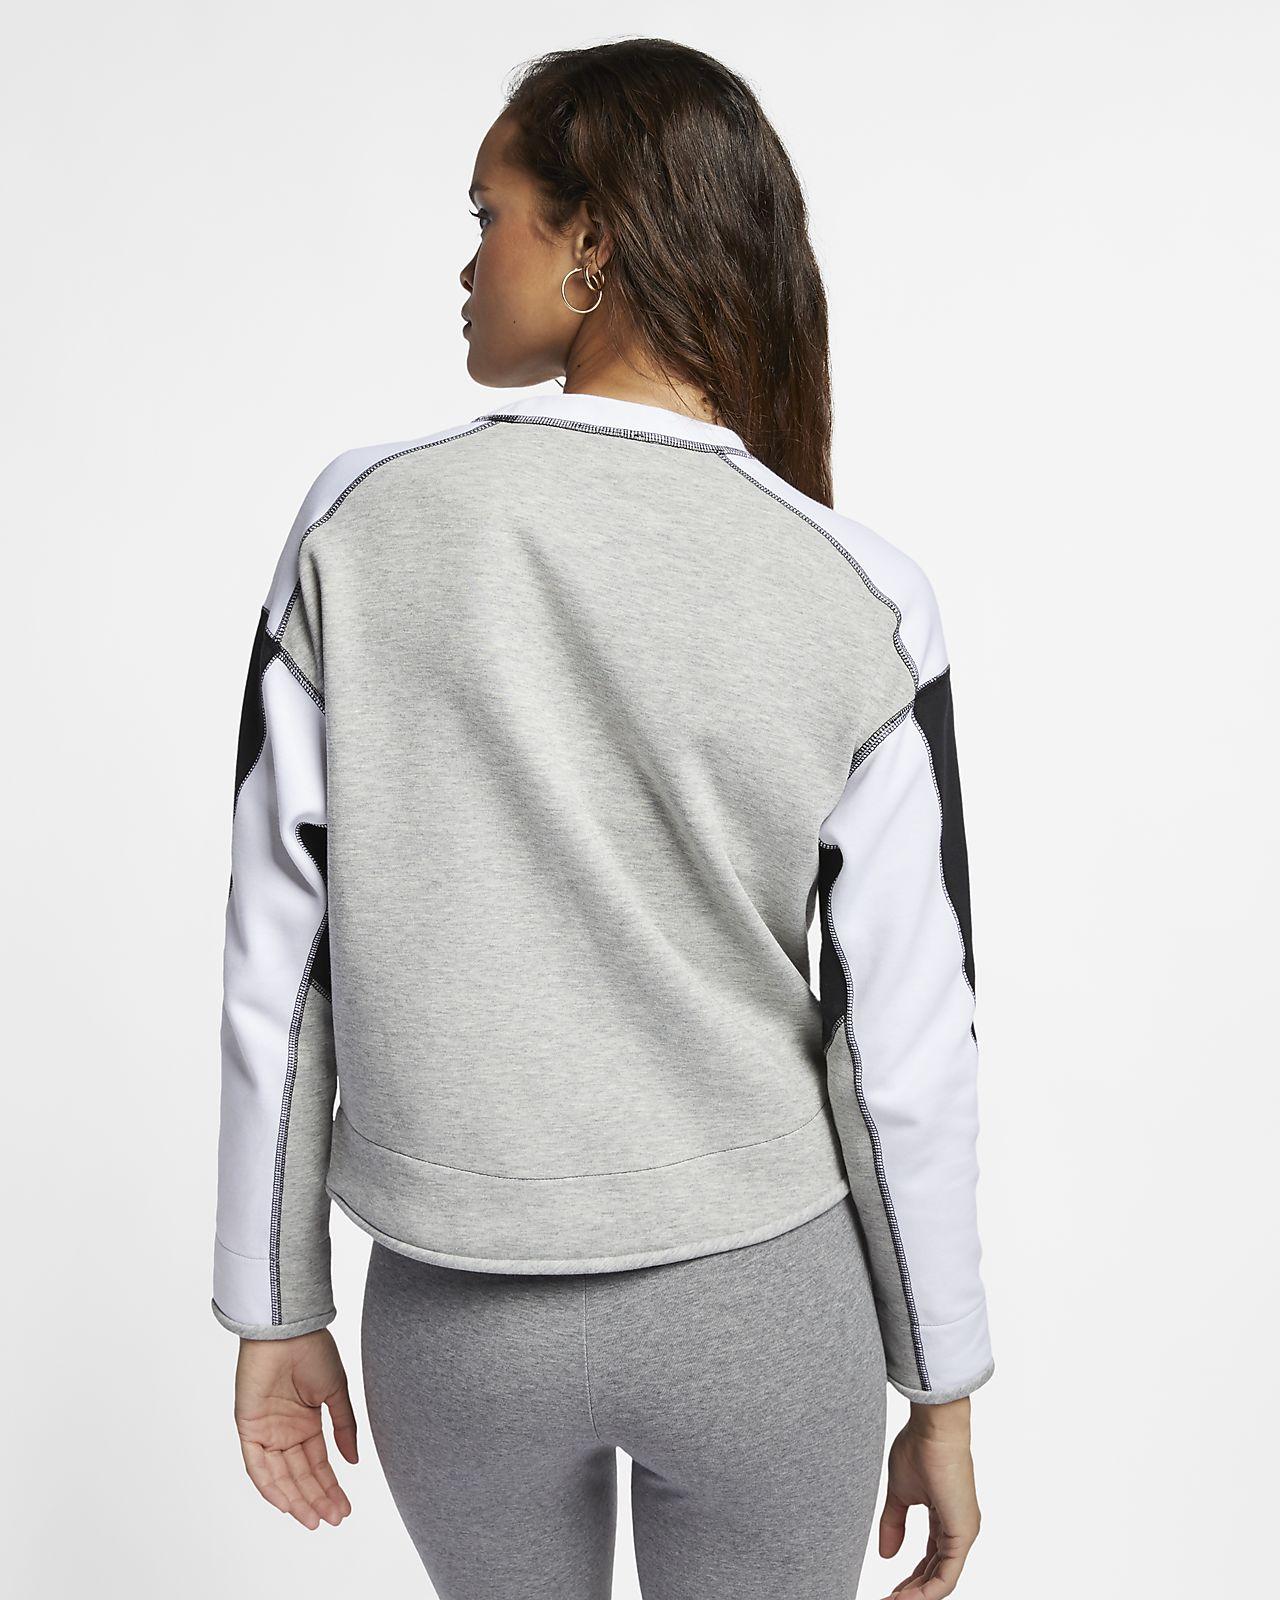 7f46ada6168a Nike Sportswear Tech Fleece Women s Crew. Nike.com NZ